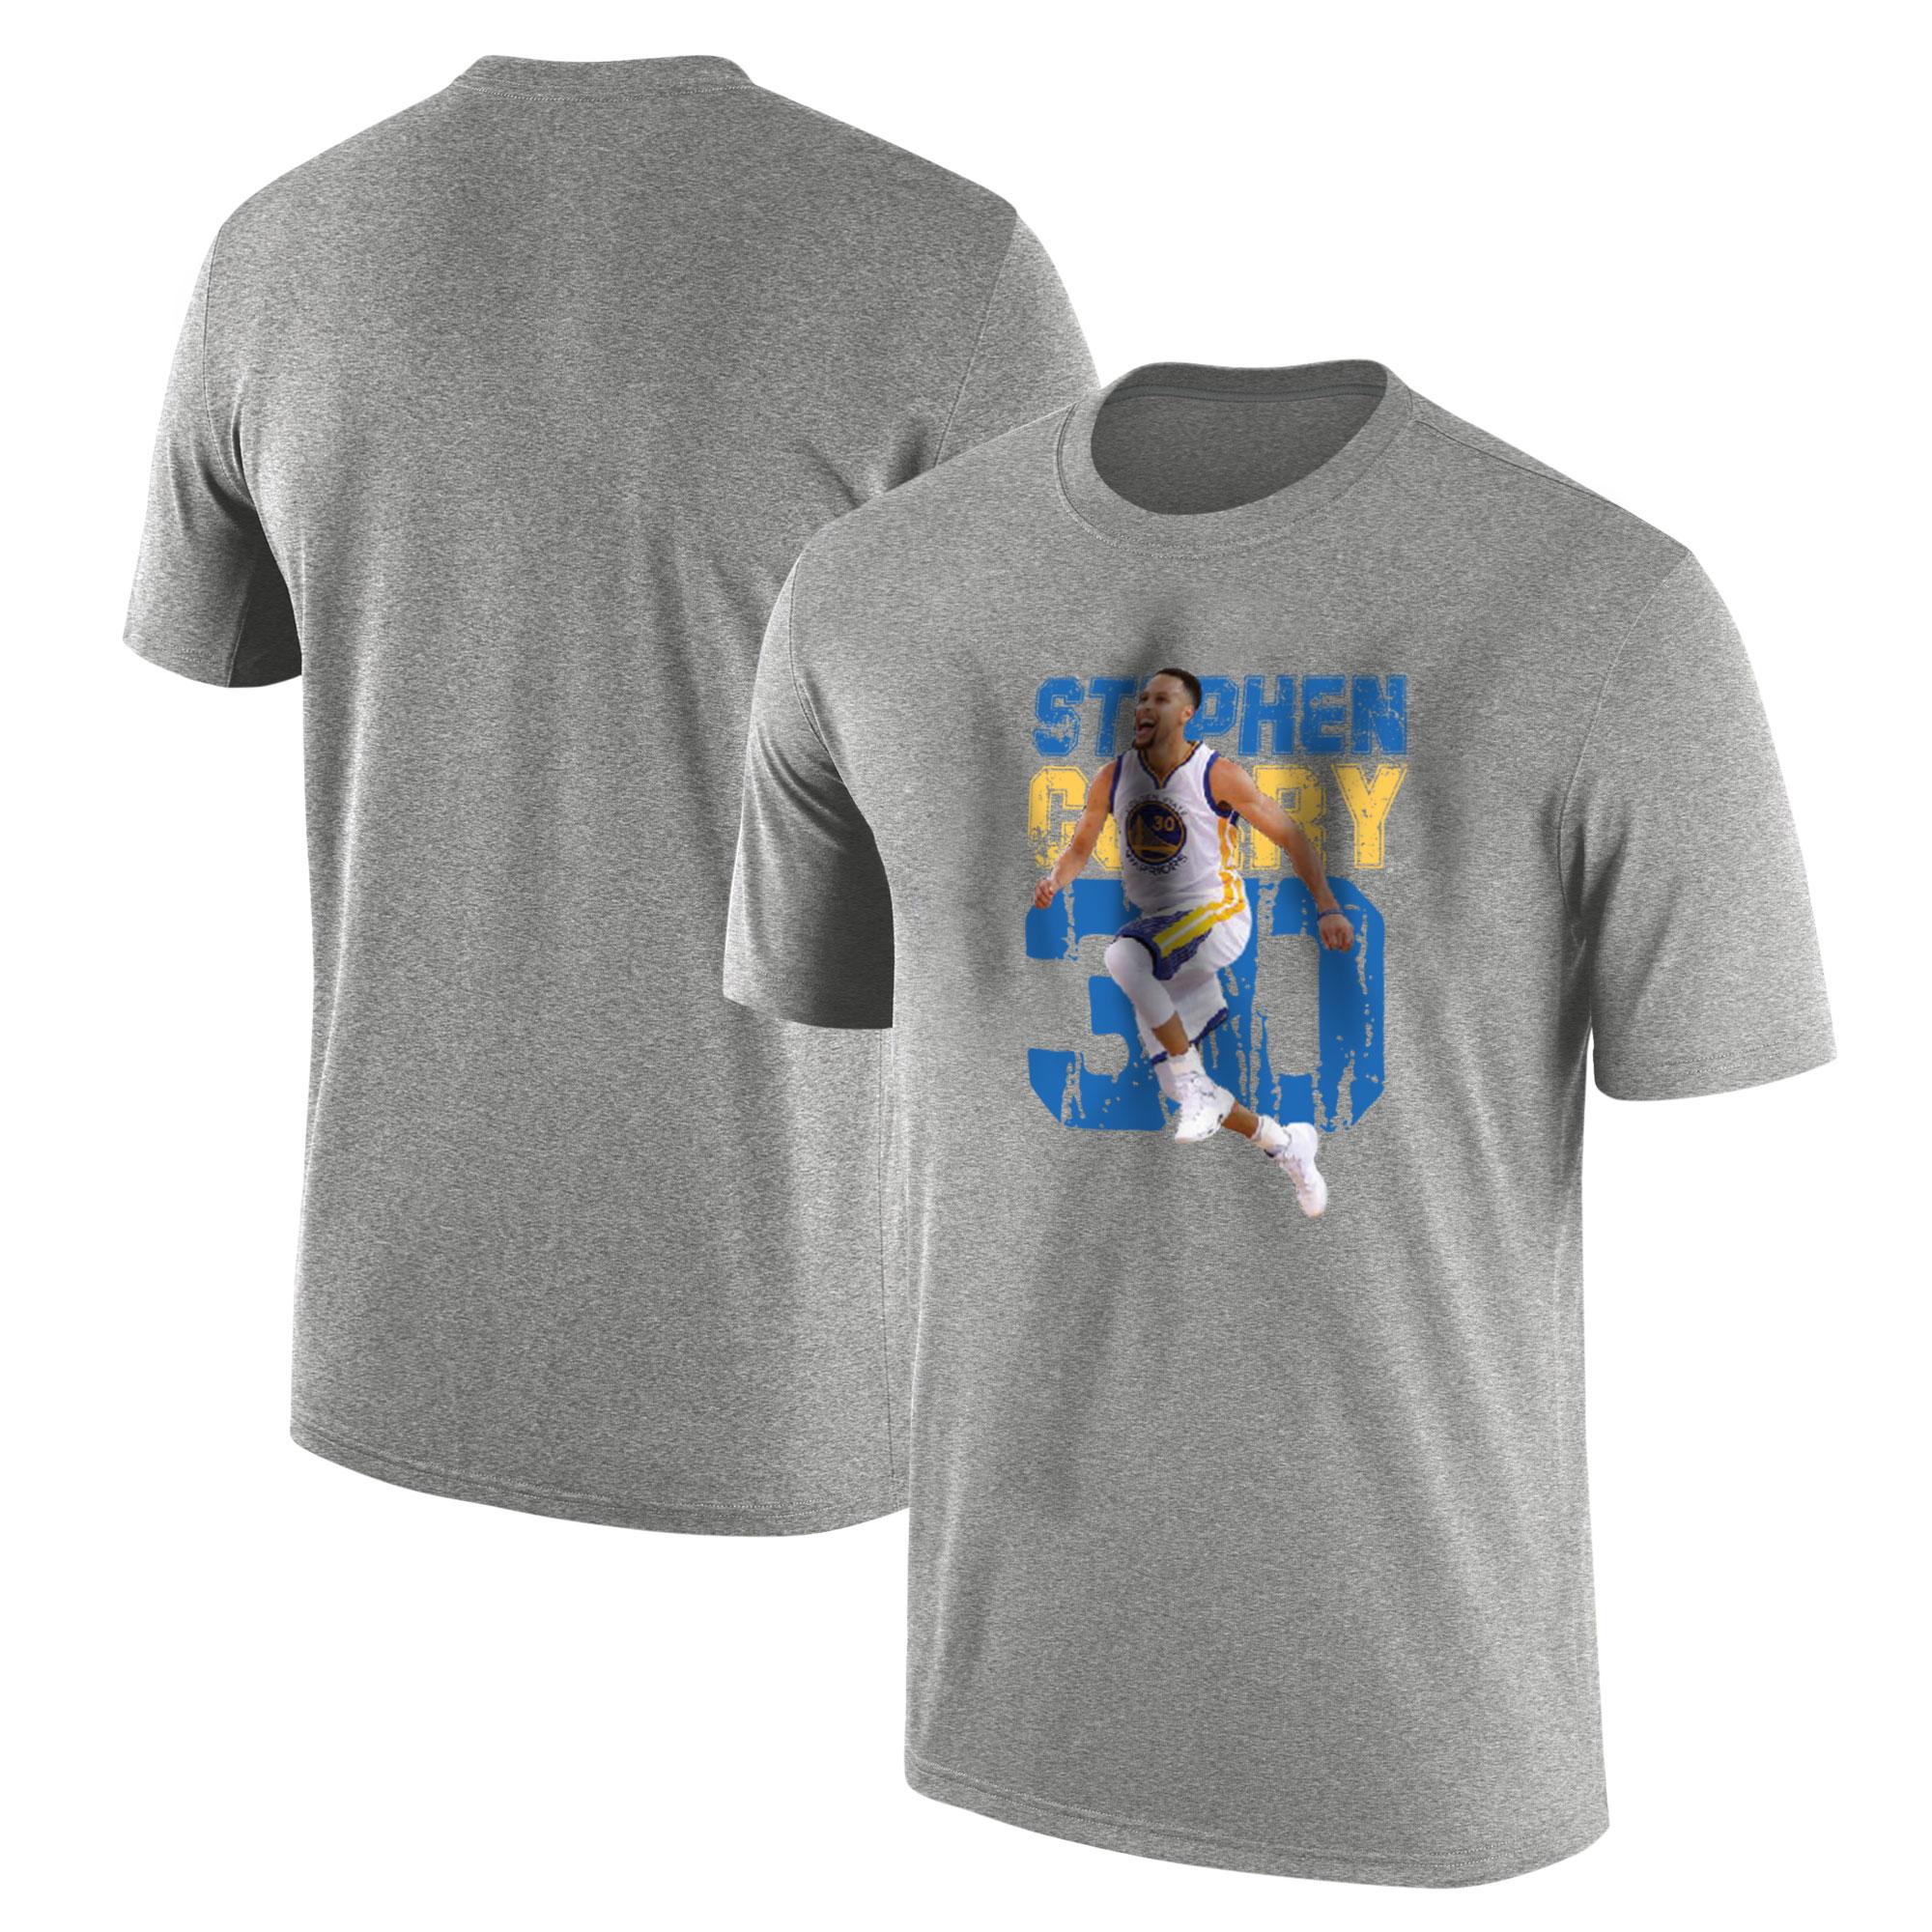 Stephen Curry Tshirt (TSH-GRY-478-PLYR-GSW-CURRY)